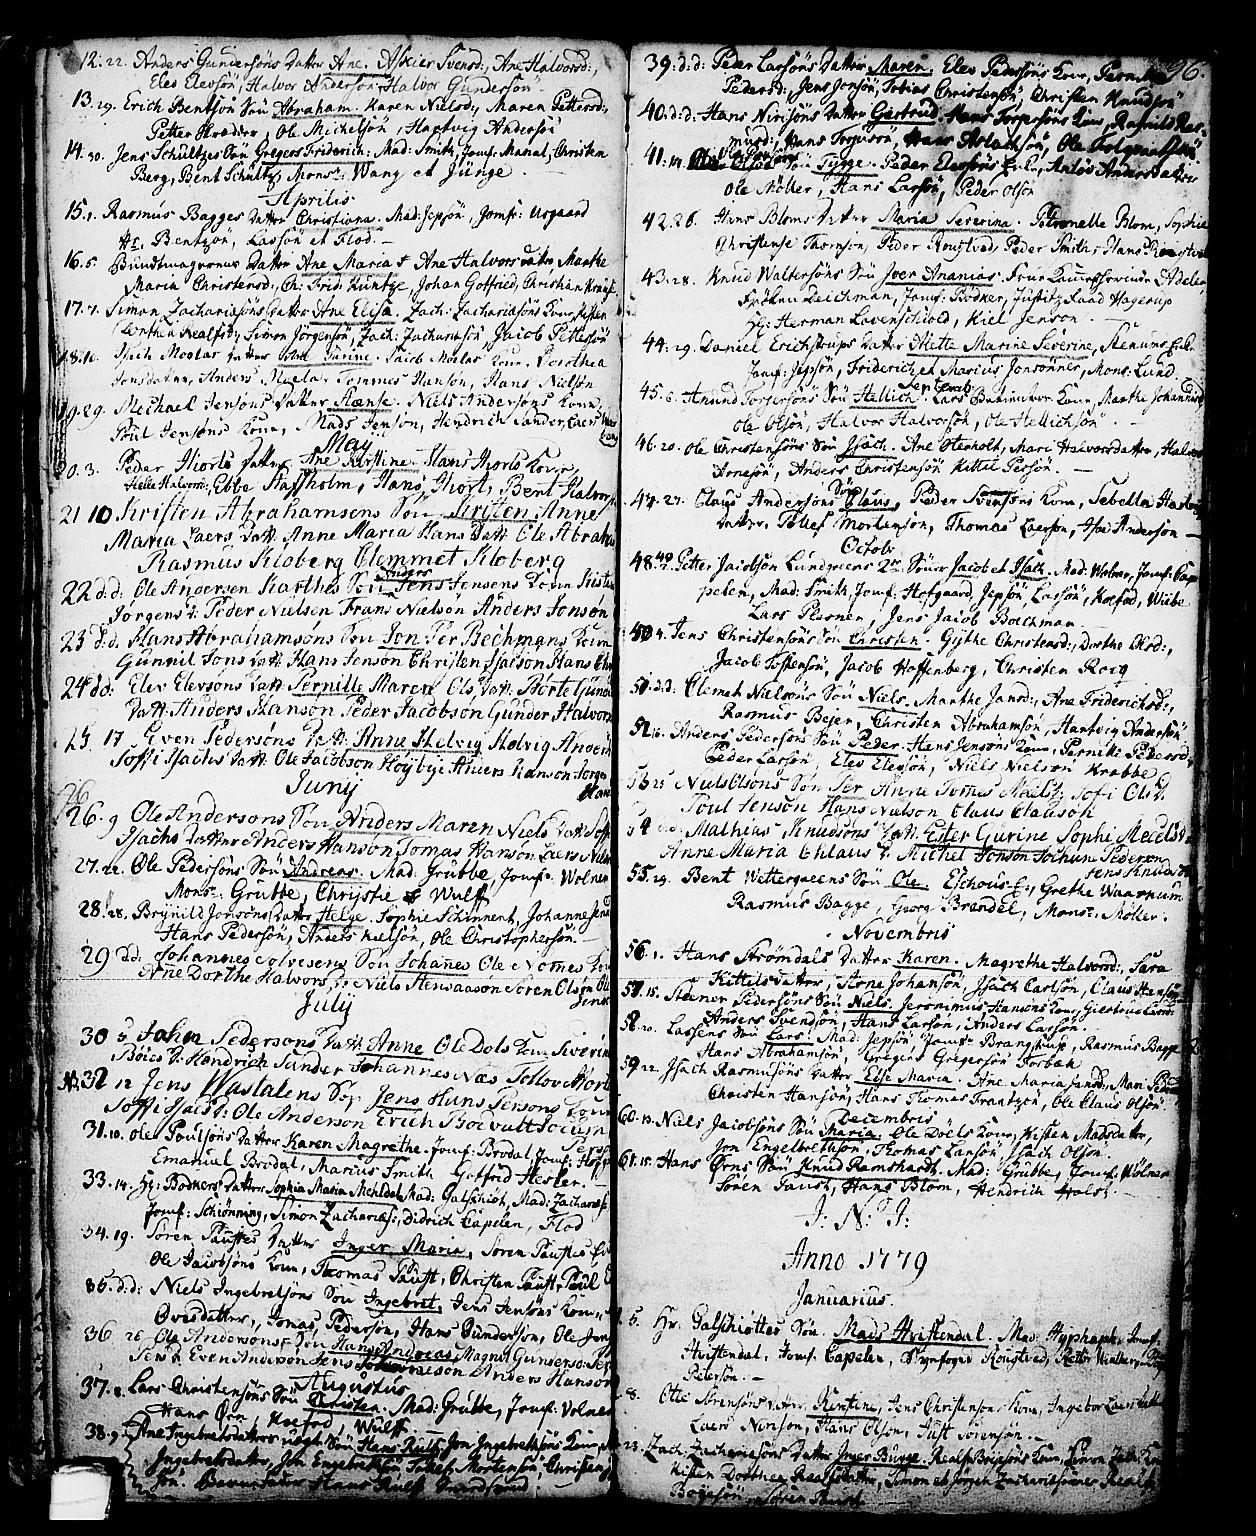 SAKO, Skien kirkebøker, G/Ga/L0001: Klokkerbok nr. 1, 1756-1791, s. 96